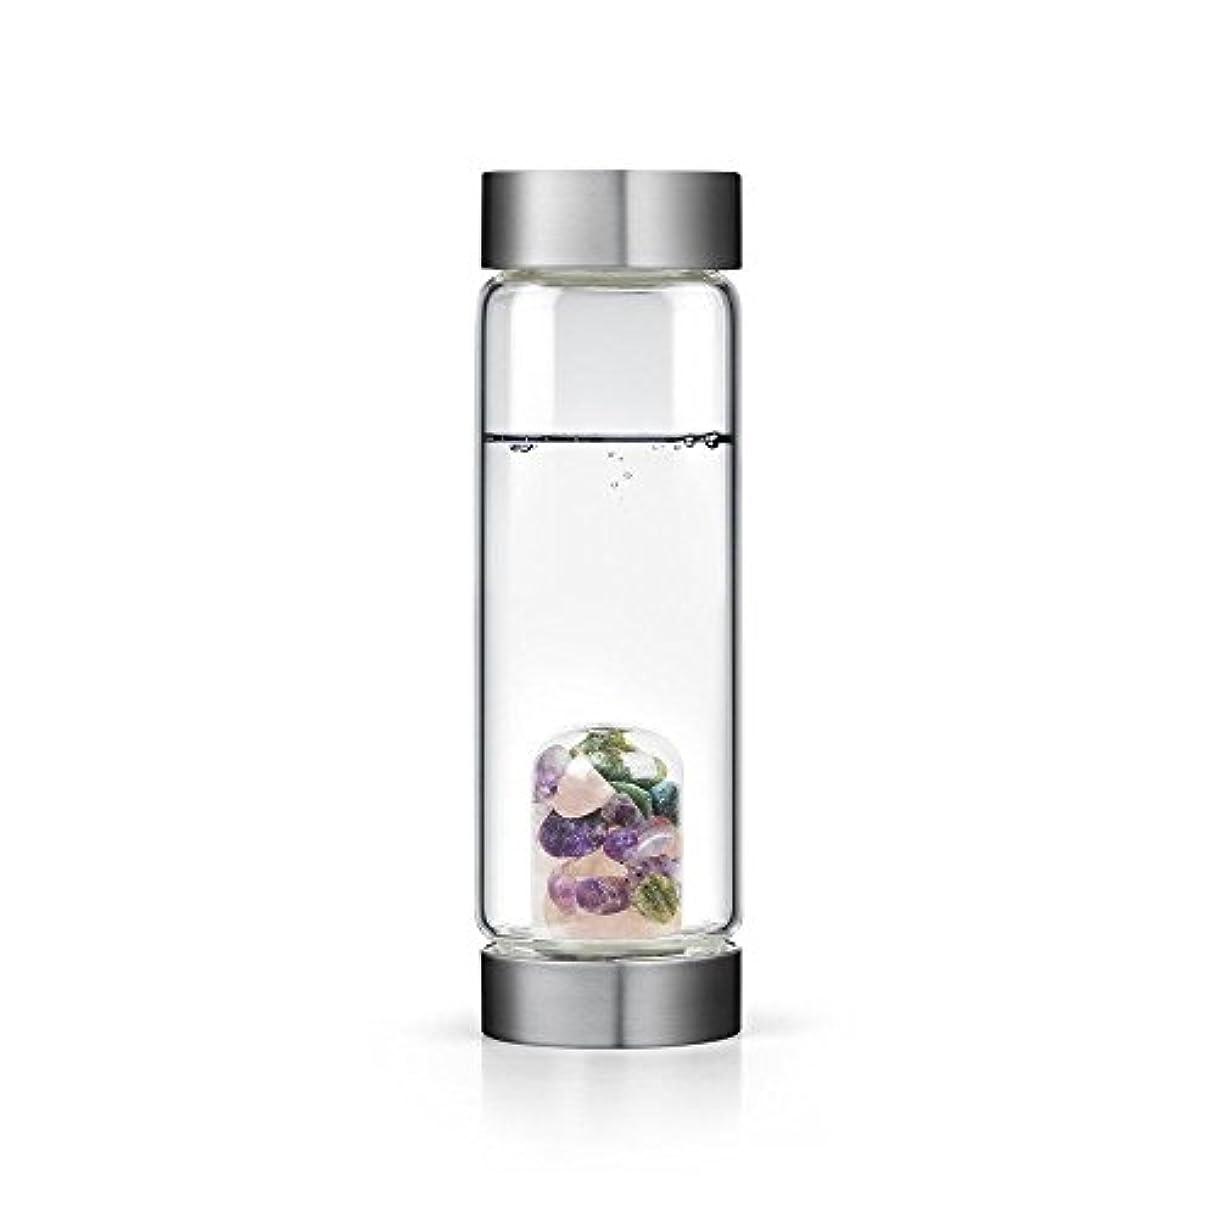 平和な巻き取り鋭くBeauty gem-waterボトルby VitaJuwel W / Freeカリフォルニアホワイトセージバンドル 16.9 fl oz